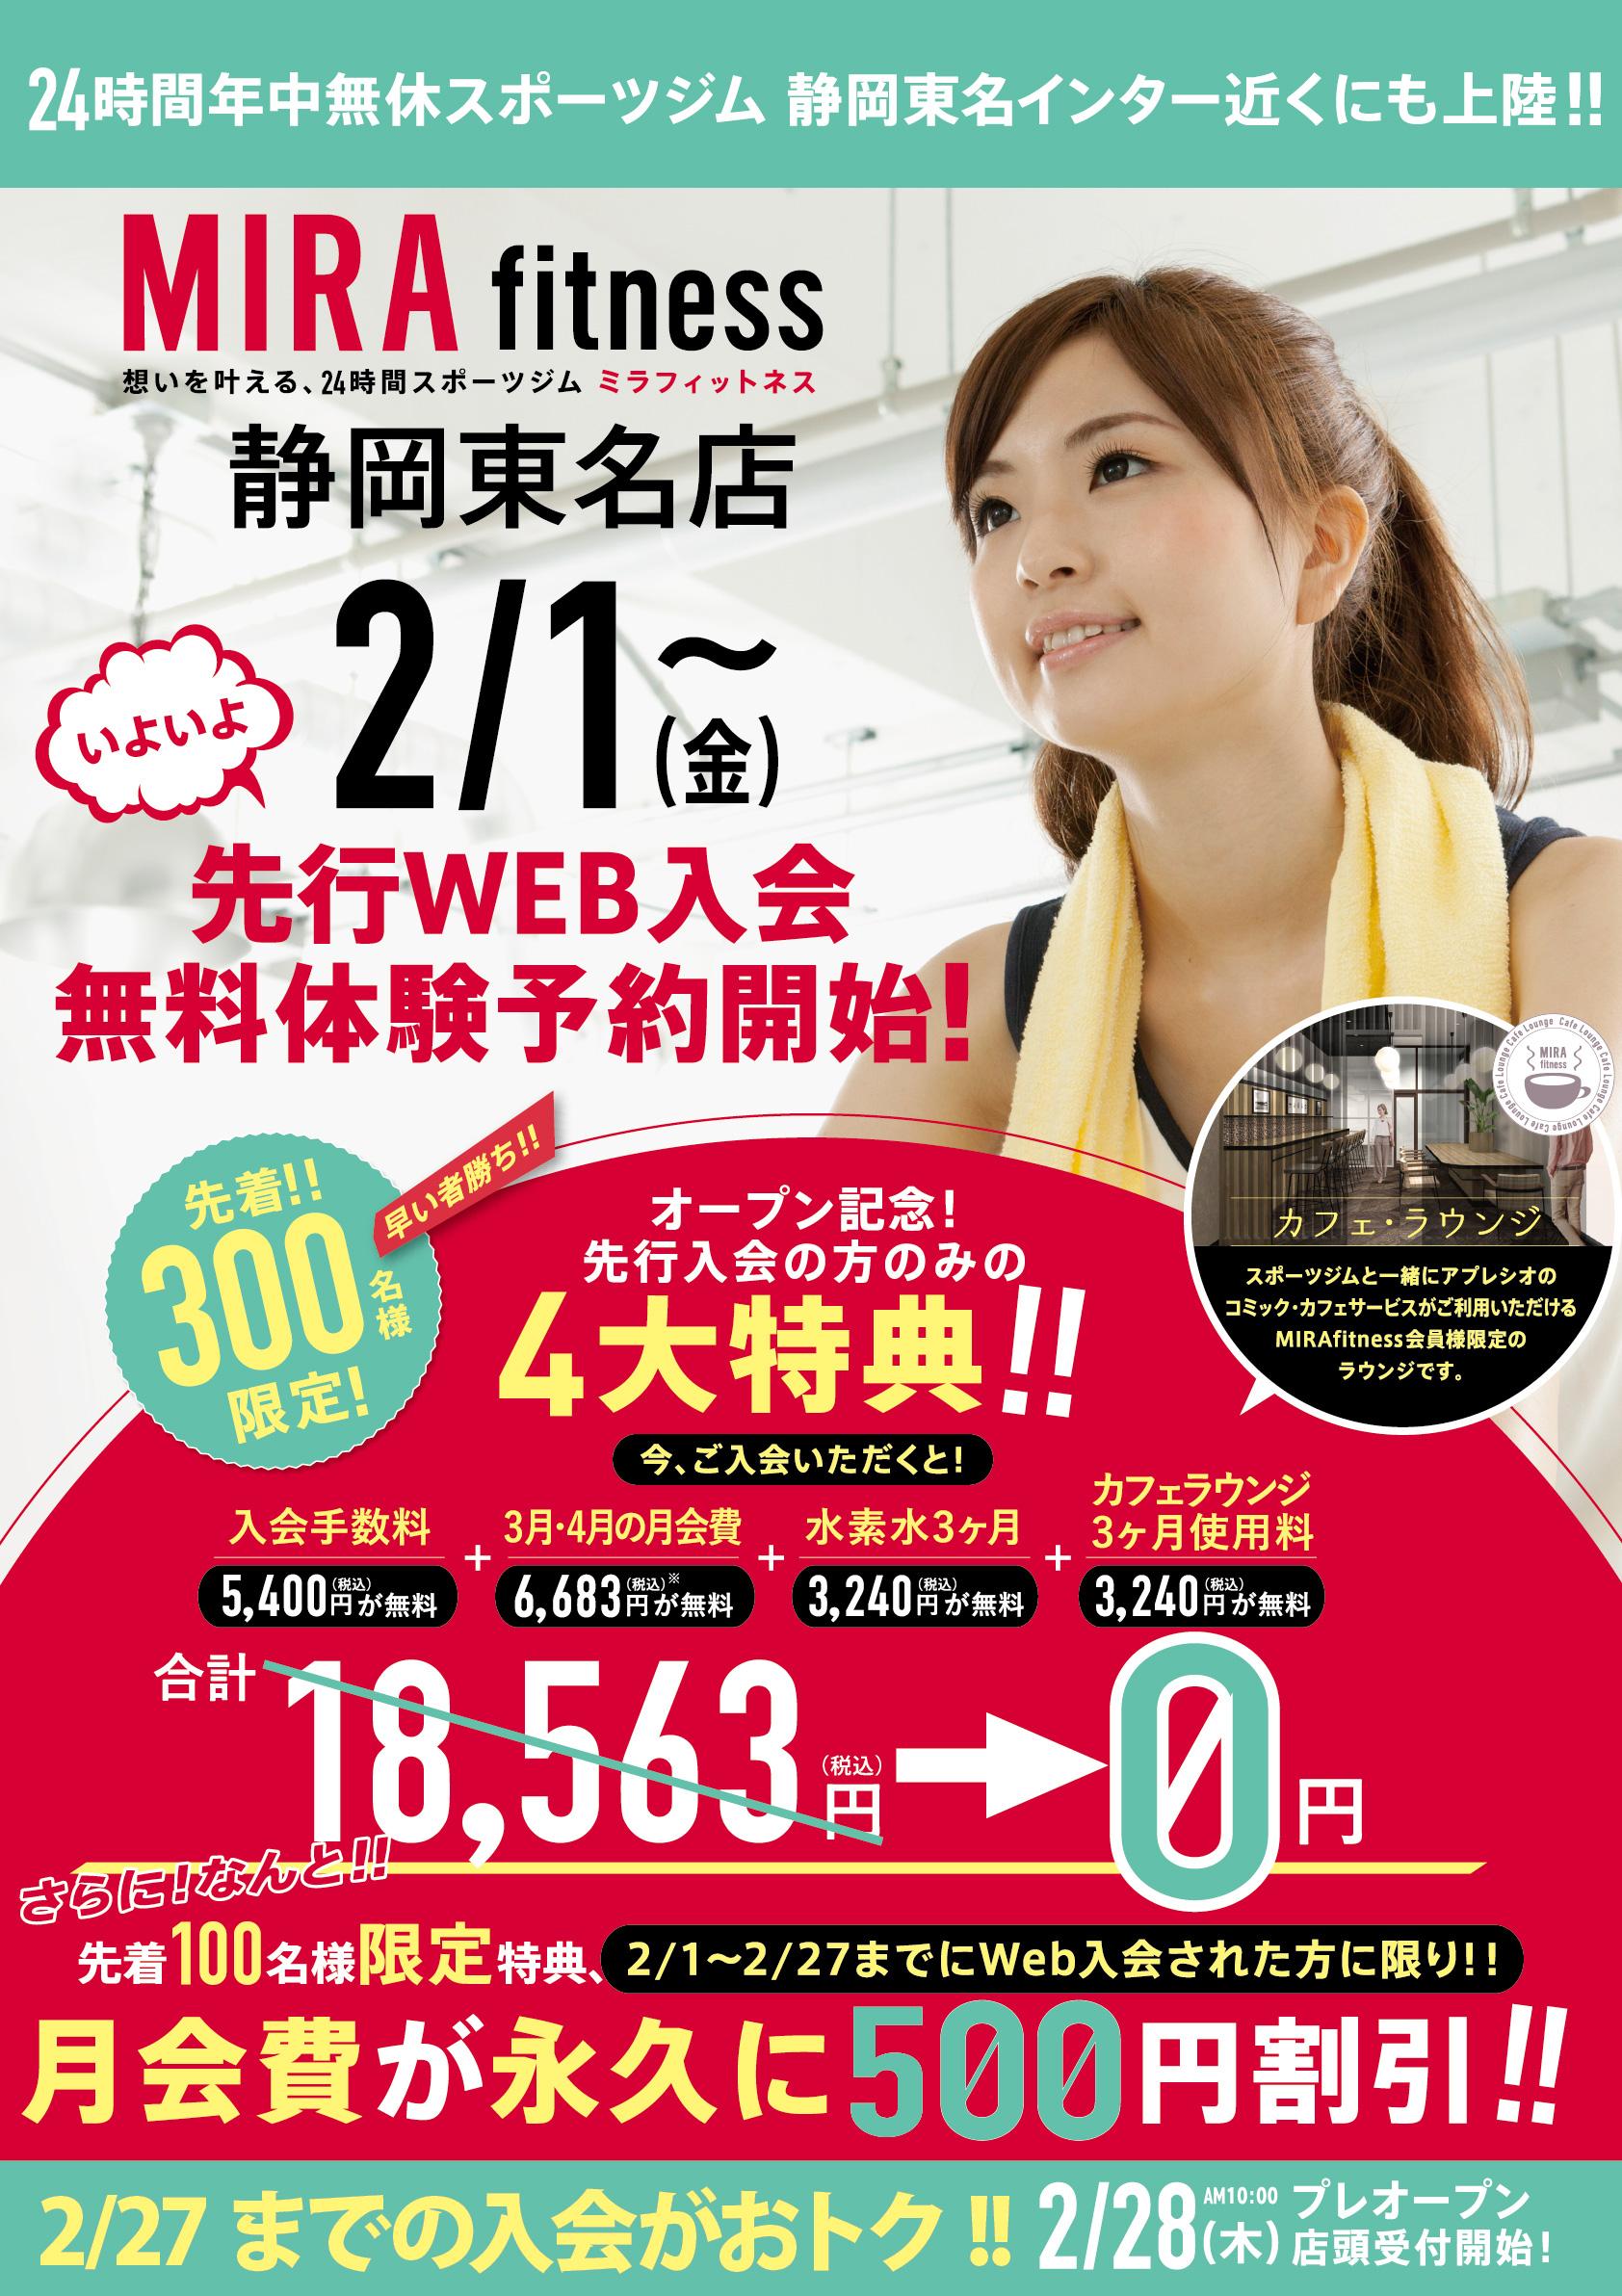 いよいよ先行WEB入会無料体験予約開始! 先着!!300名様限定!